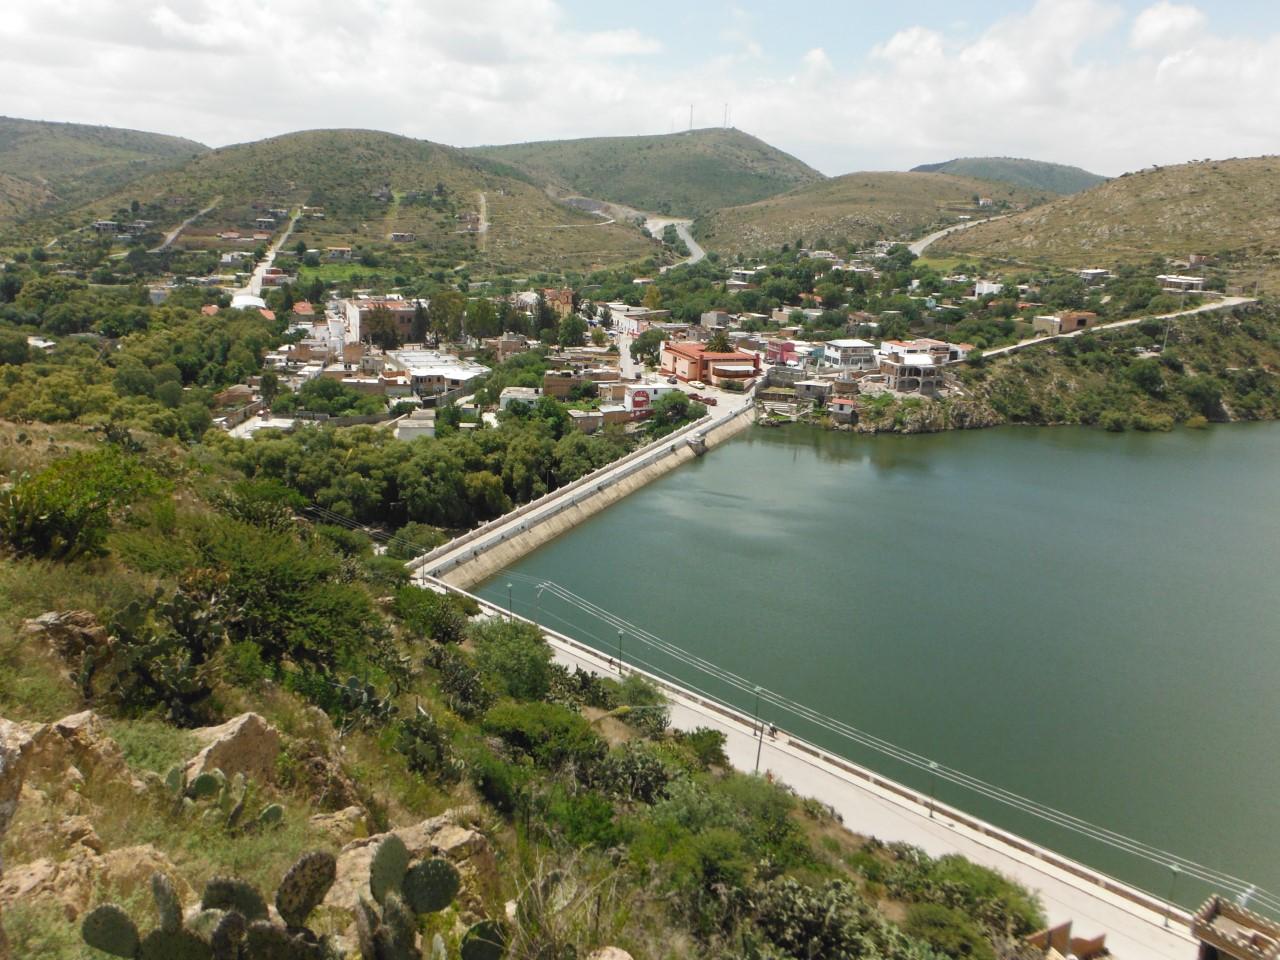 San Luis Potosí: Agua de la presa de Mexquitic libre de fenoles (El Exprés)